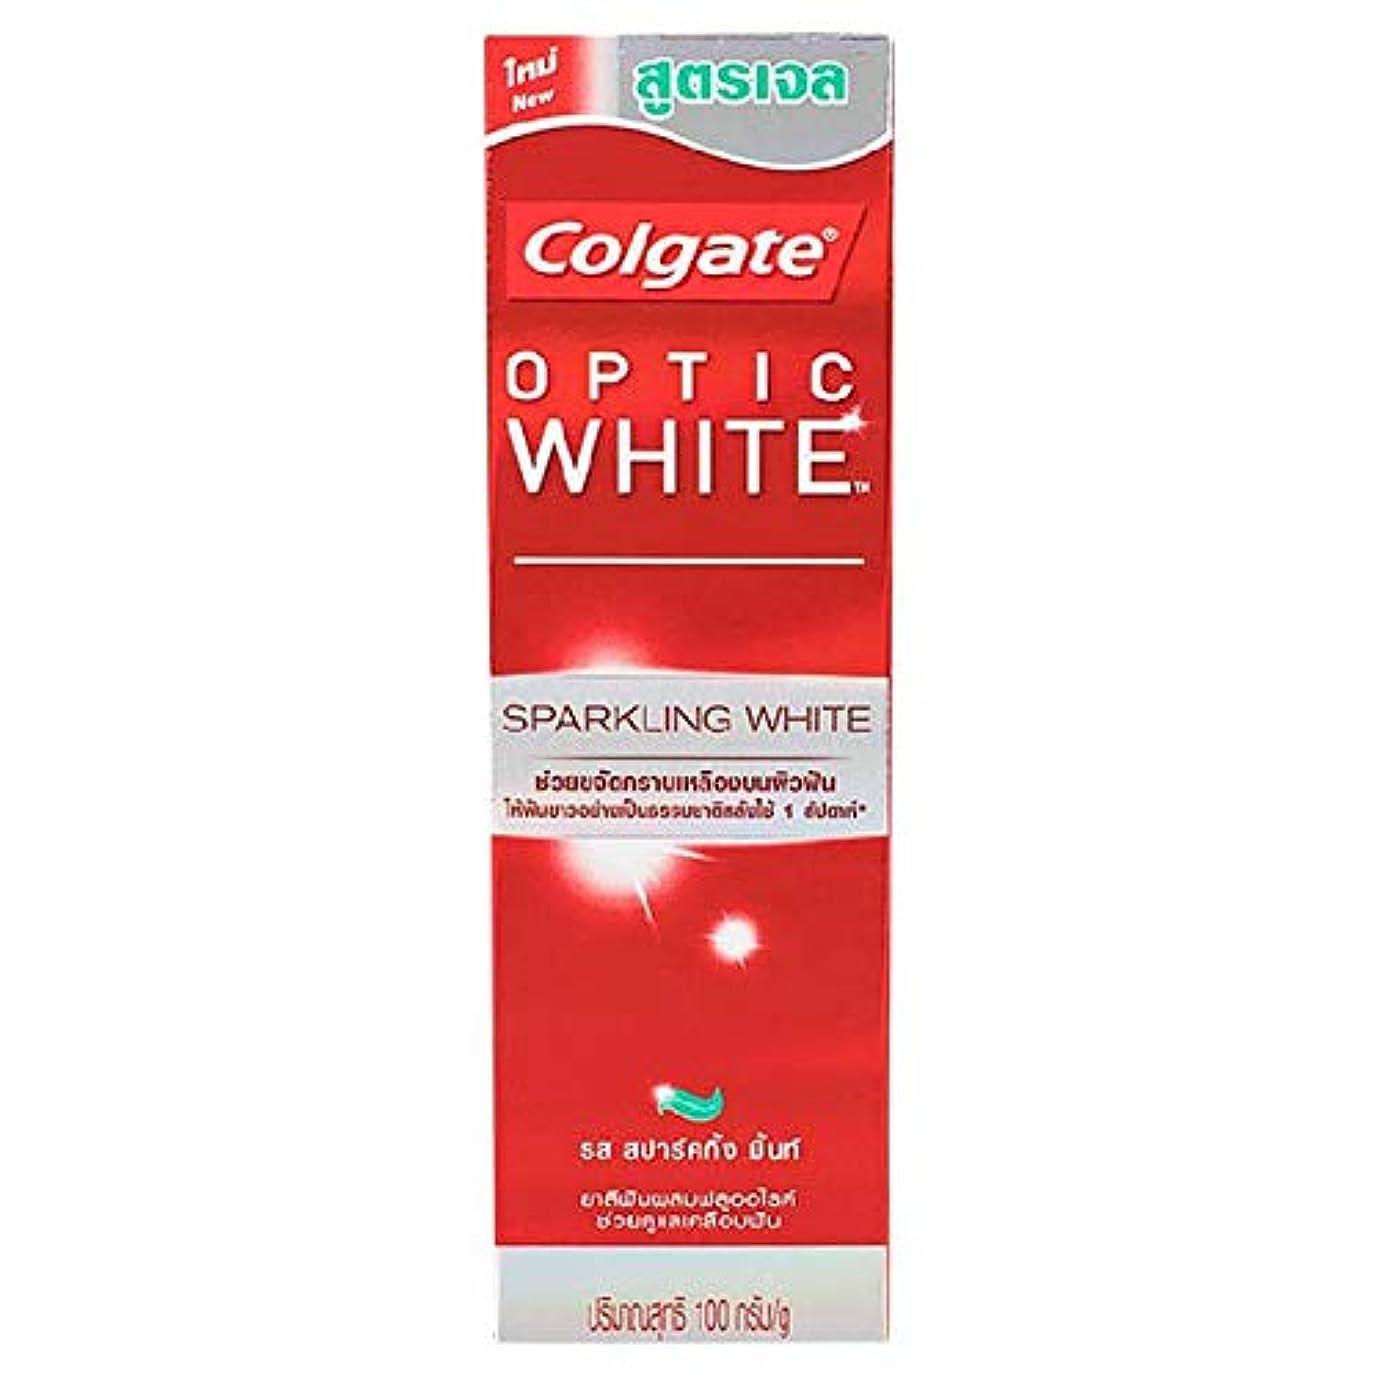 オークランドグレー定義(コルゲート)Colgate 歯磨き粉 「オプティック ホワイト 」 (スパークリングホワイト)